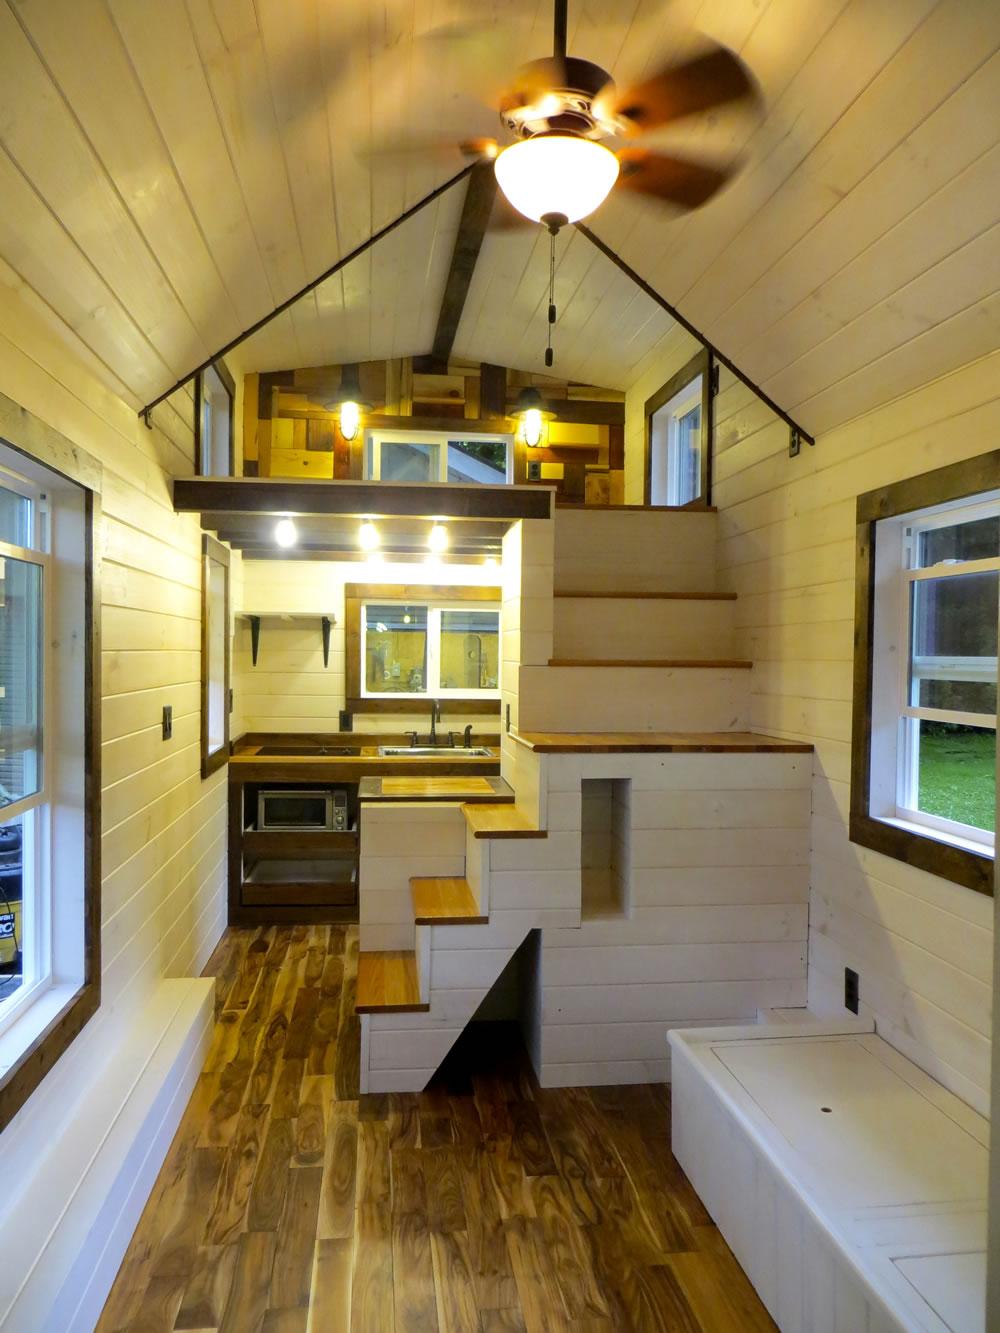 Tiny Home Designs: Brevard Tiny House Company